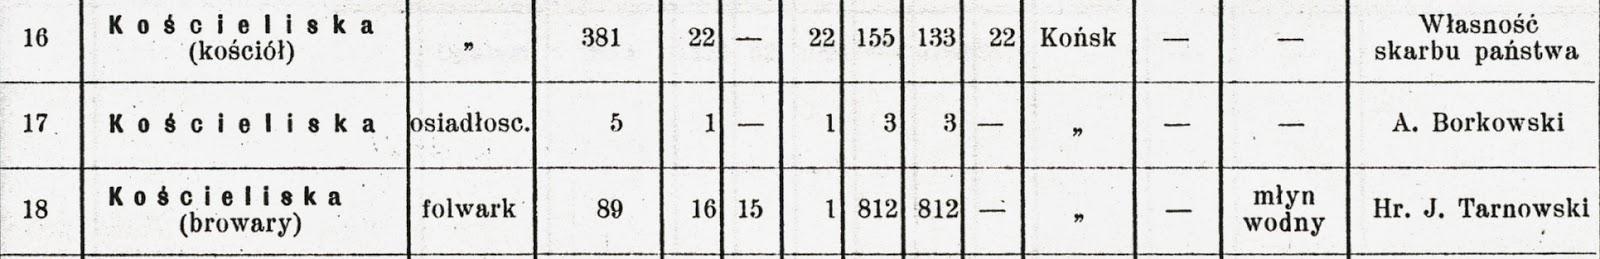 Dane statystyczne z 1905 r. Proszę zwrócić uwagę, że  nazwa Kościeliska browary - dotyczyła folwarku (Kościeliska należały do gminy Duraczów). W danych statystycznych z 1931 r. nazwa miejscowości Kościeliska i Browary w gminie Duraczów już nie występuje. Informacje w zbiorach KW.